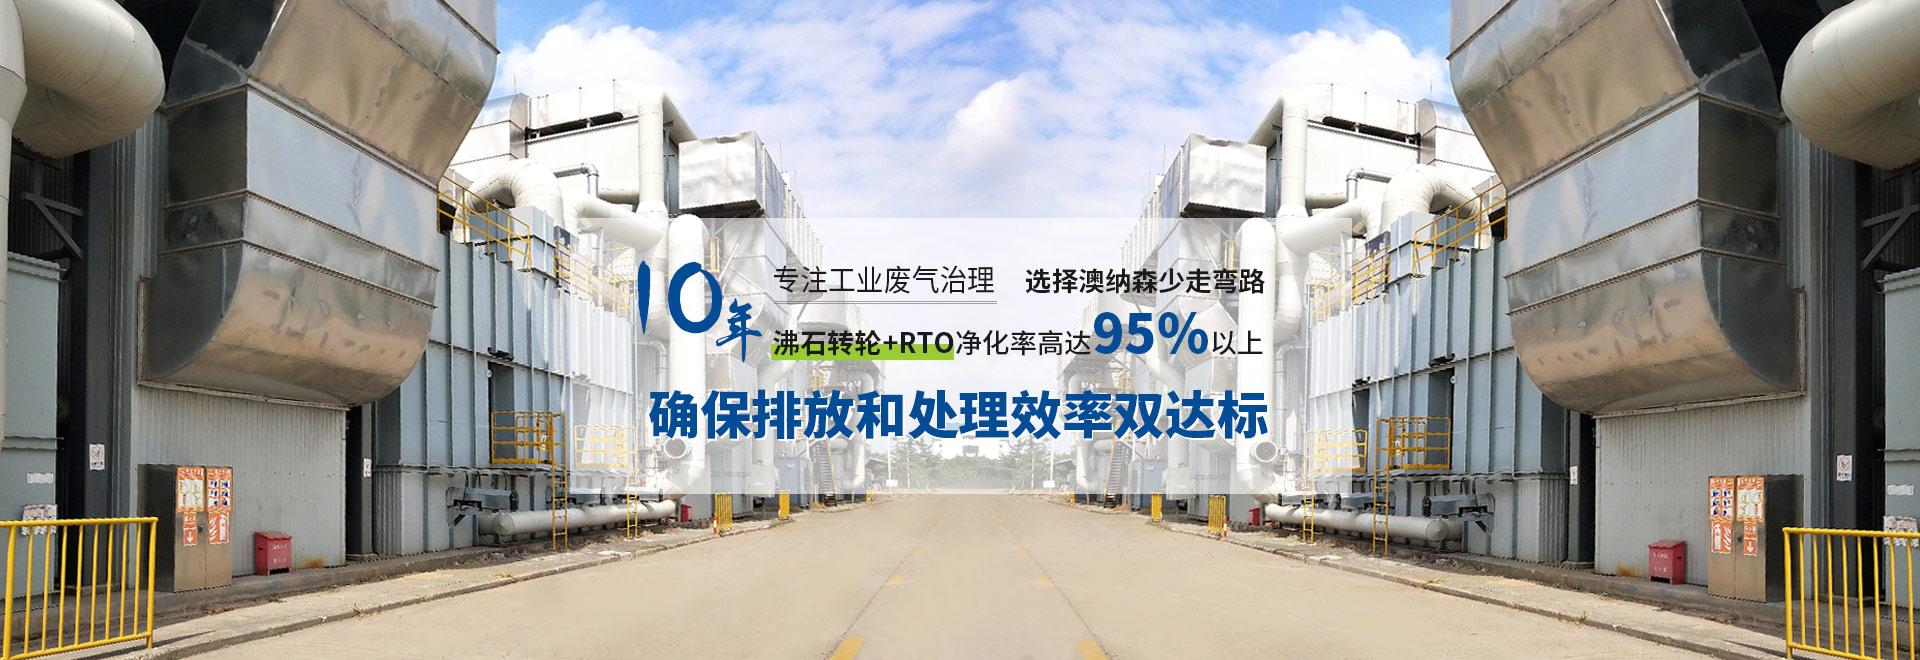 10年专注工业废气治理  选澳纳森少走弯路 沸石转轮+RTO净化率高达95%以上  确保排放和处理效率双达标